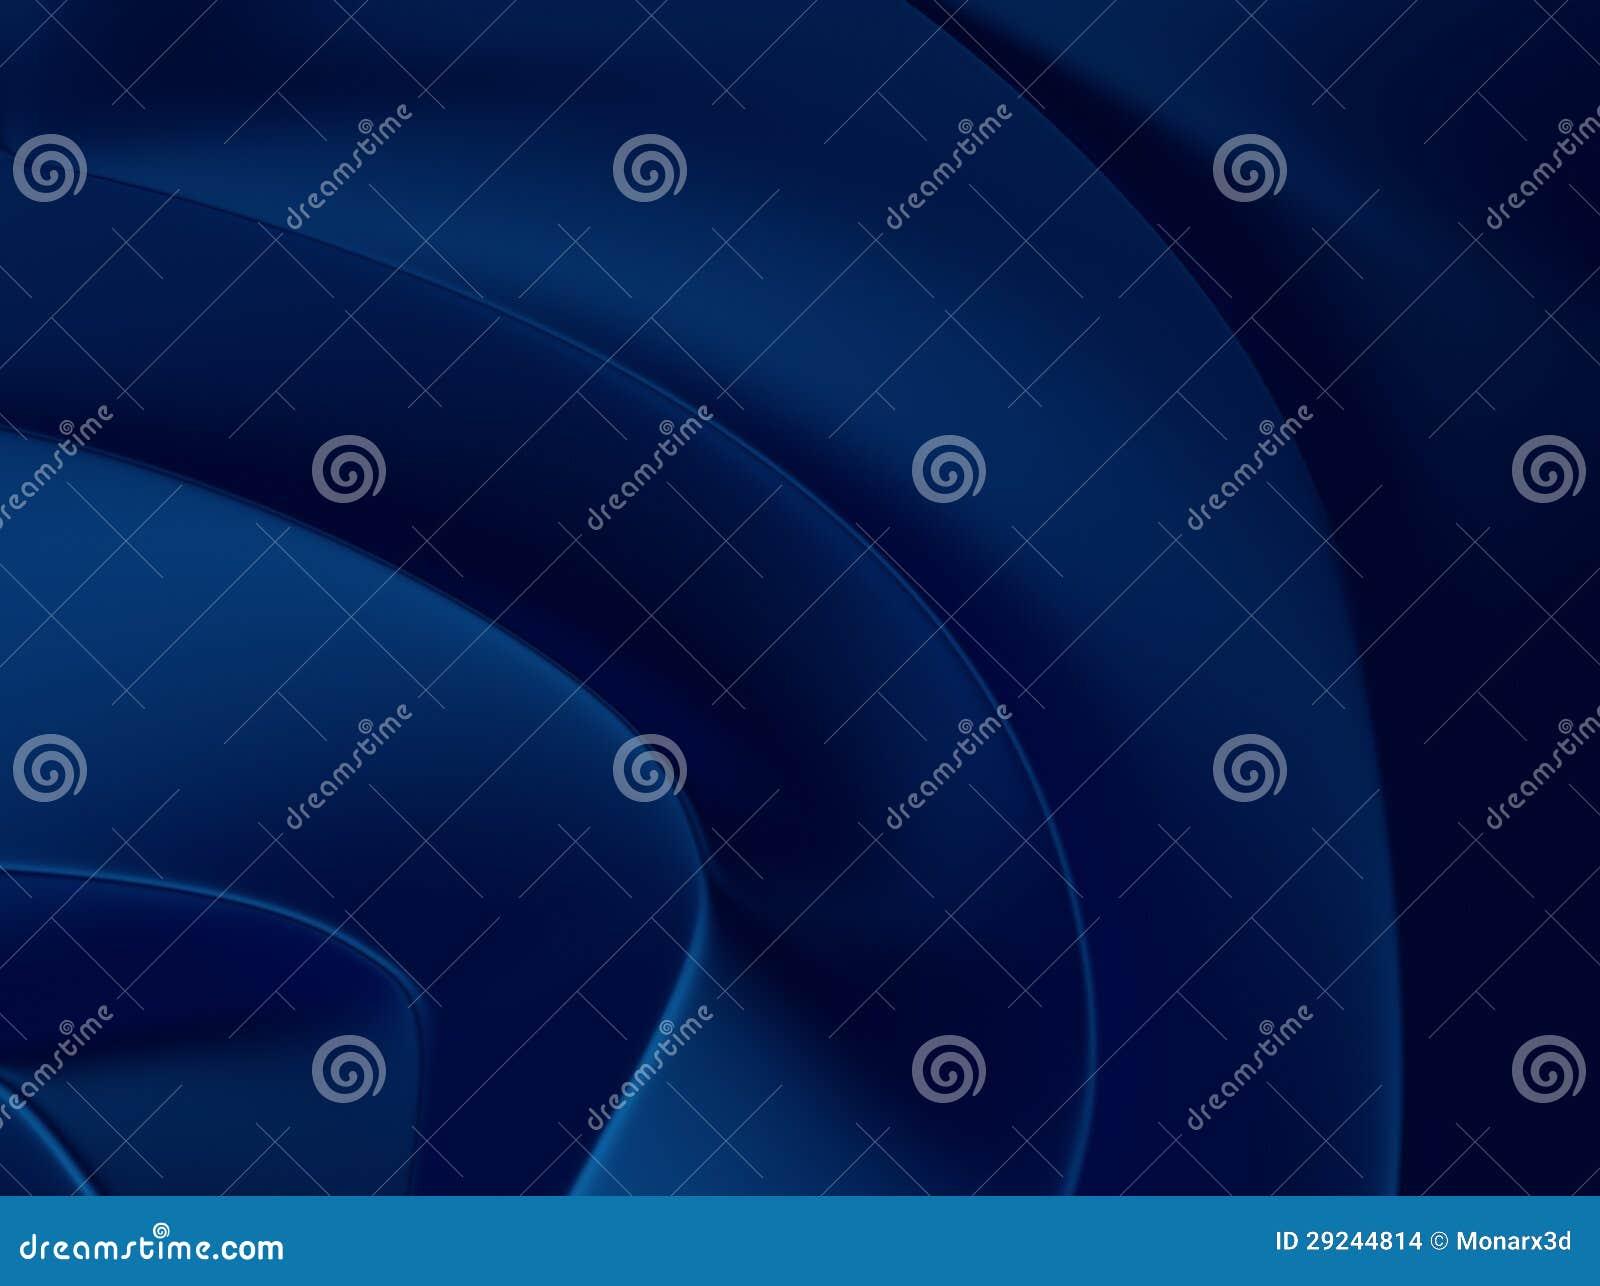 Download Fundo Metálico Azul Elegante Ilustração Stock - Ilustração de pesado, fluxo: 29244814